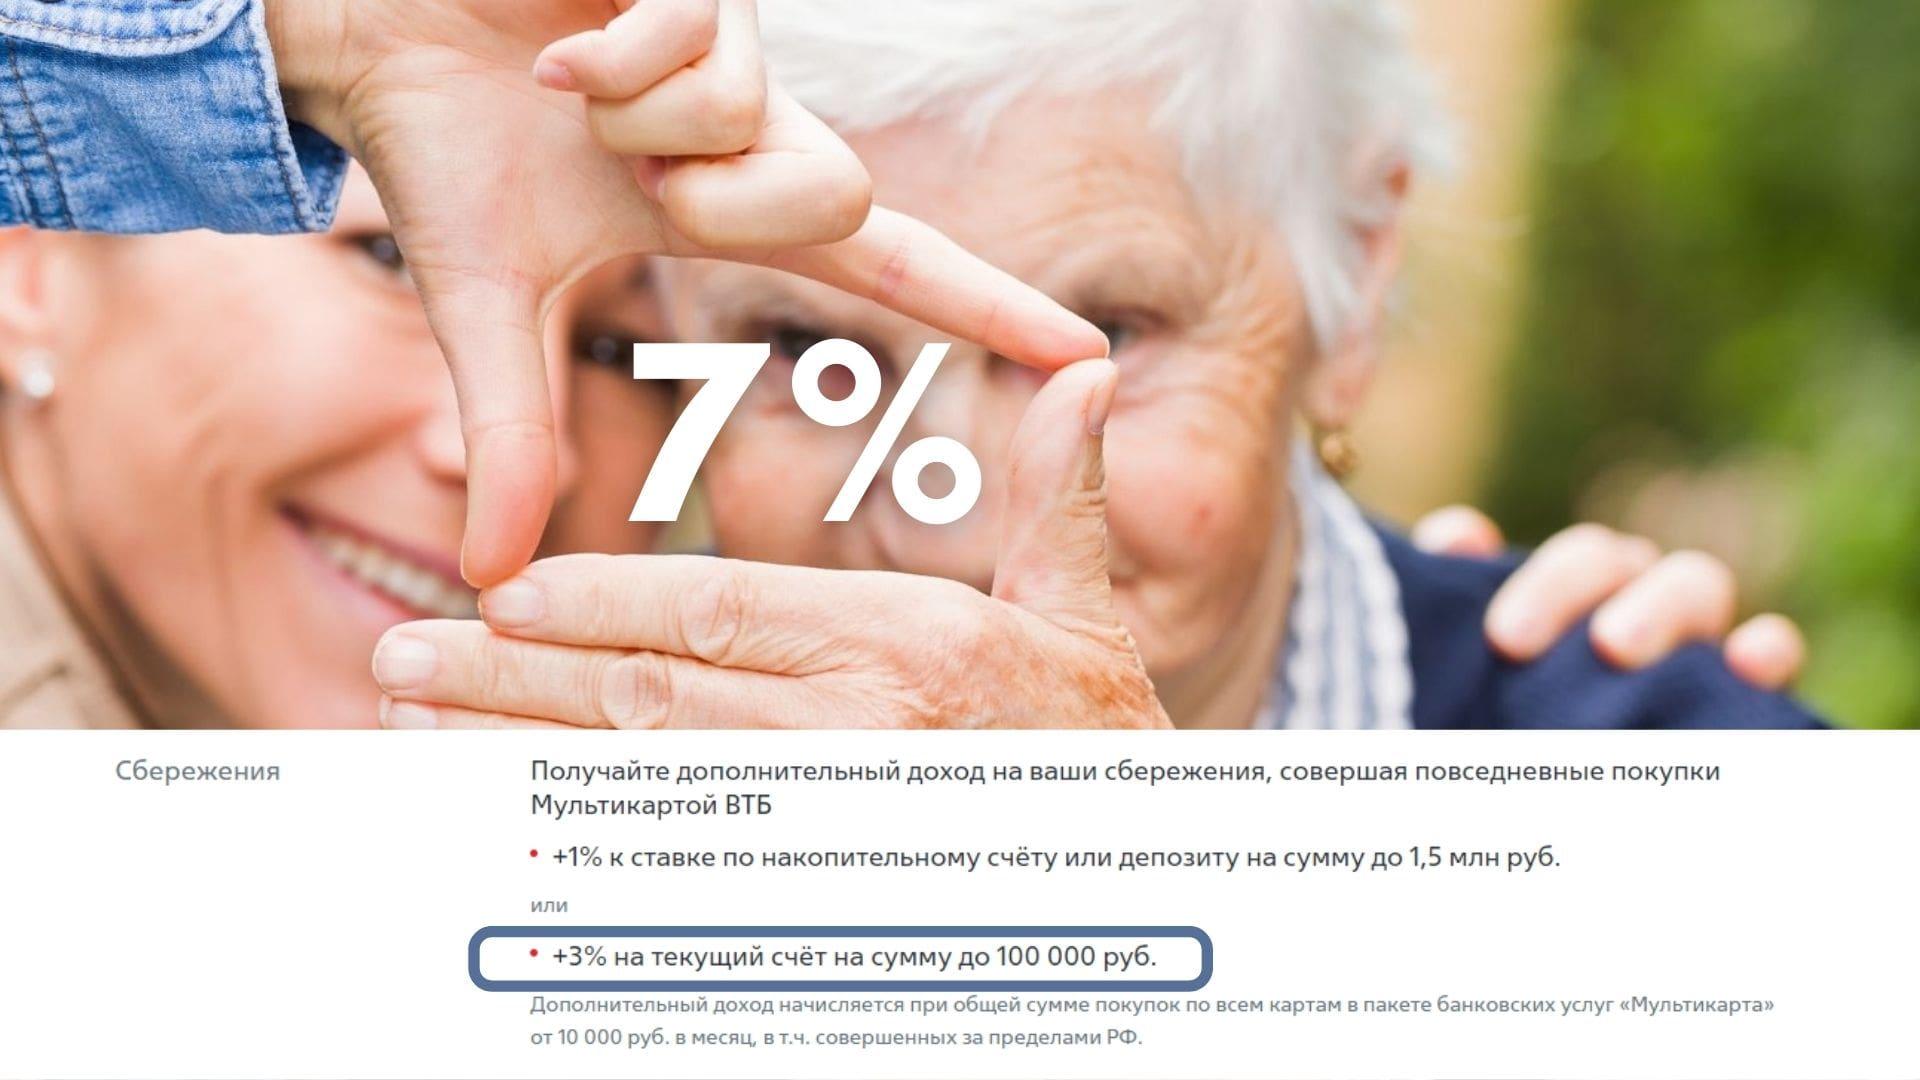 7 процентов на остаток по пенсионной карте мир